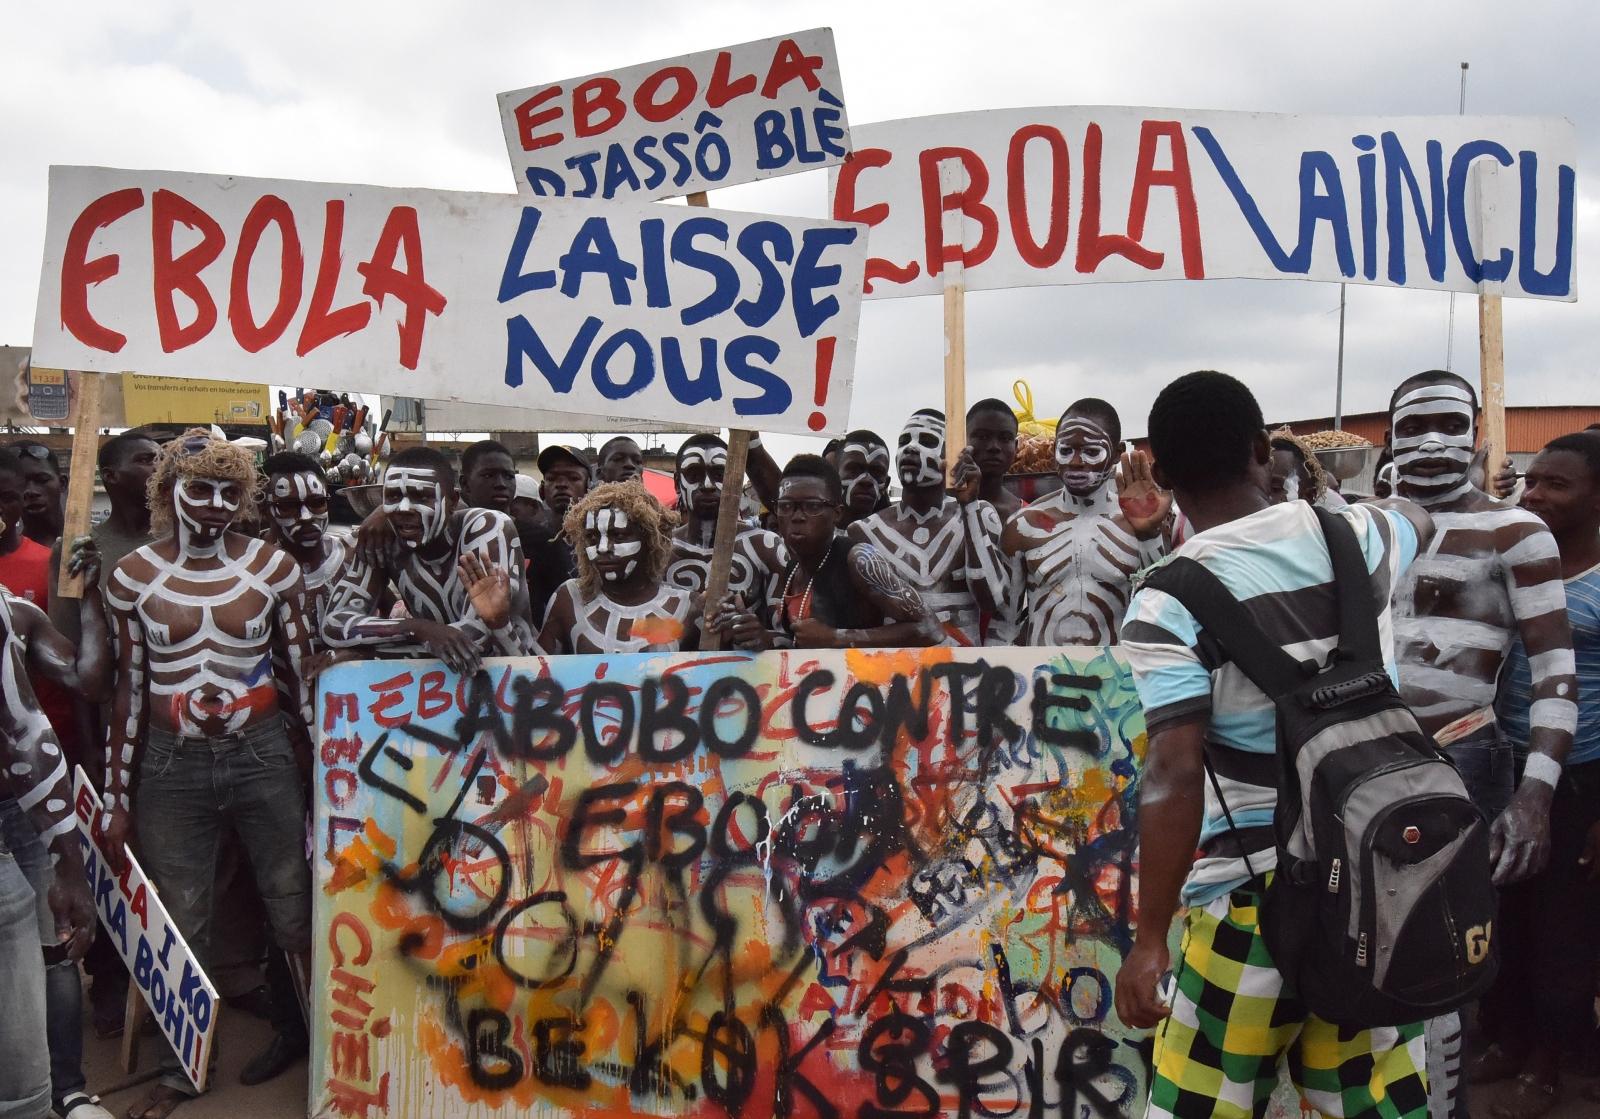 Ebola protests